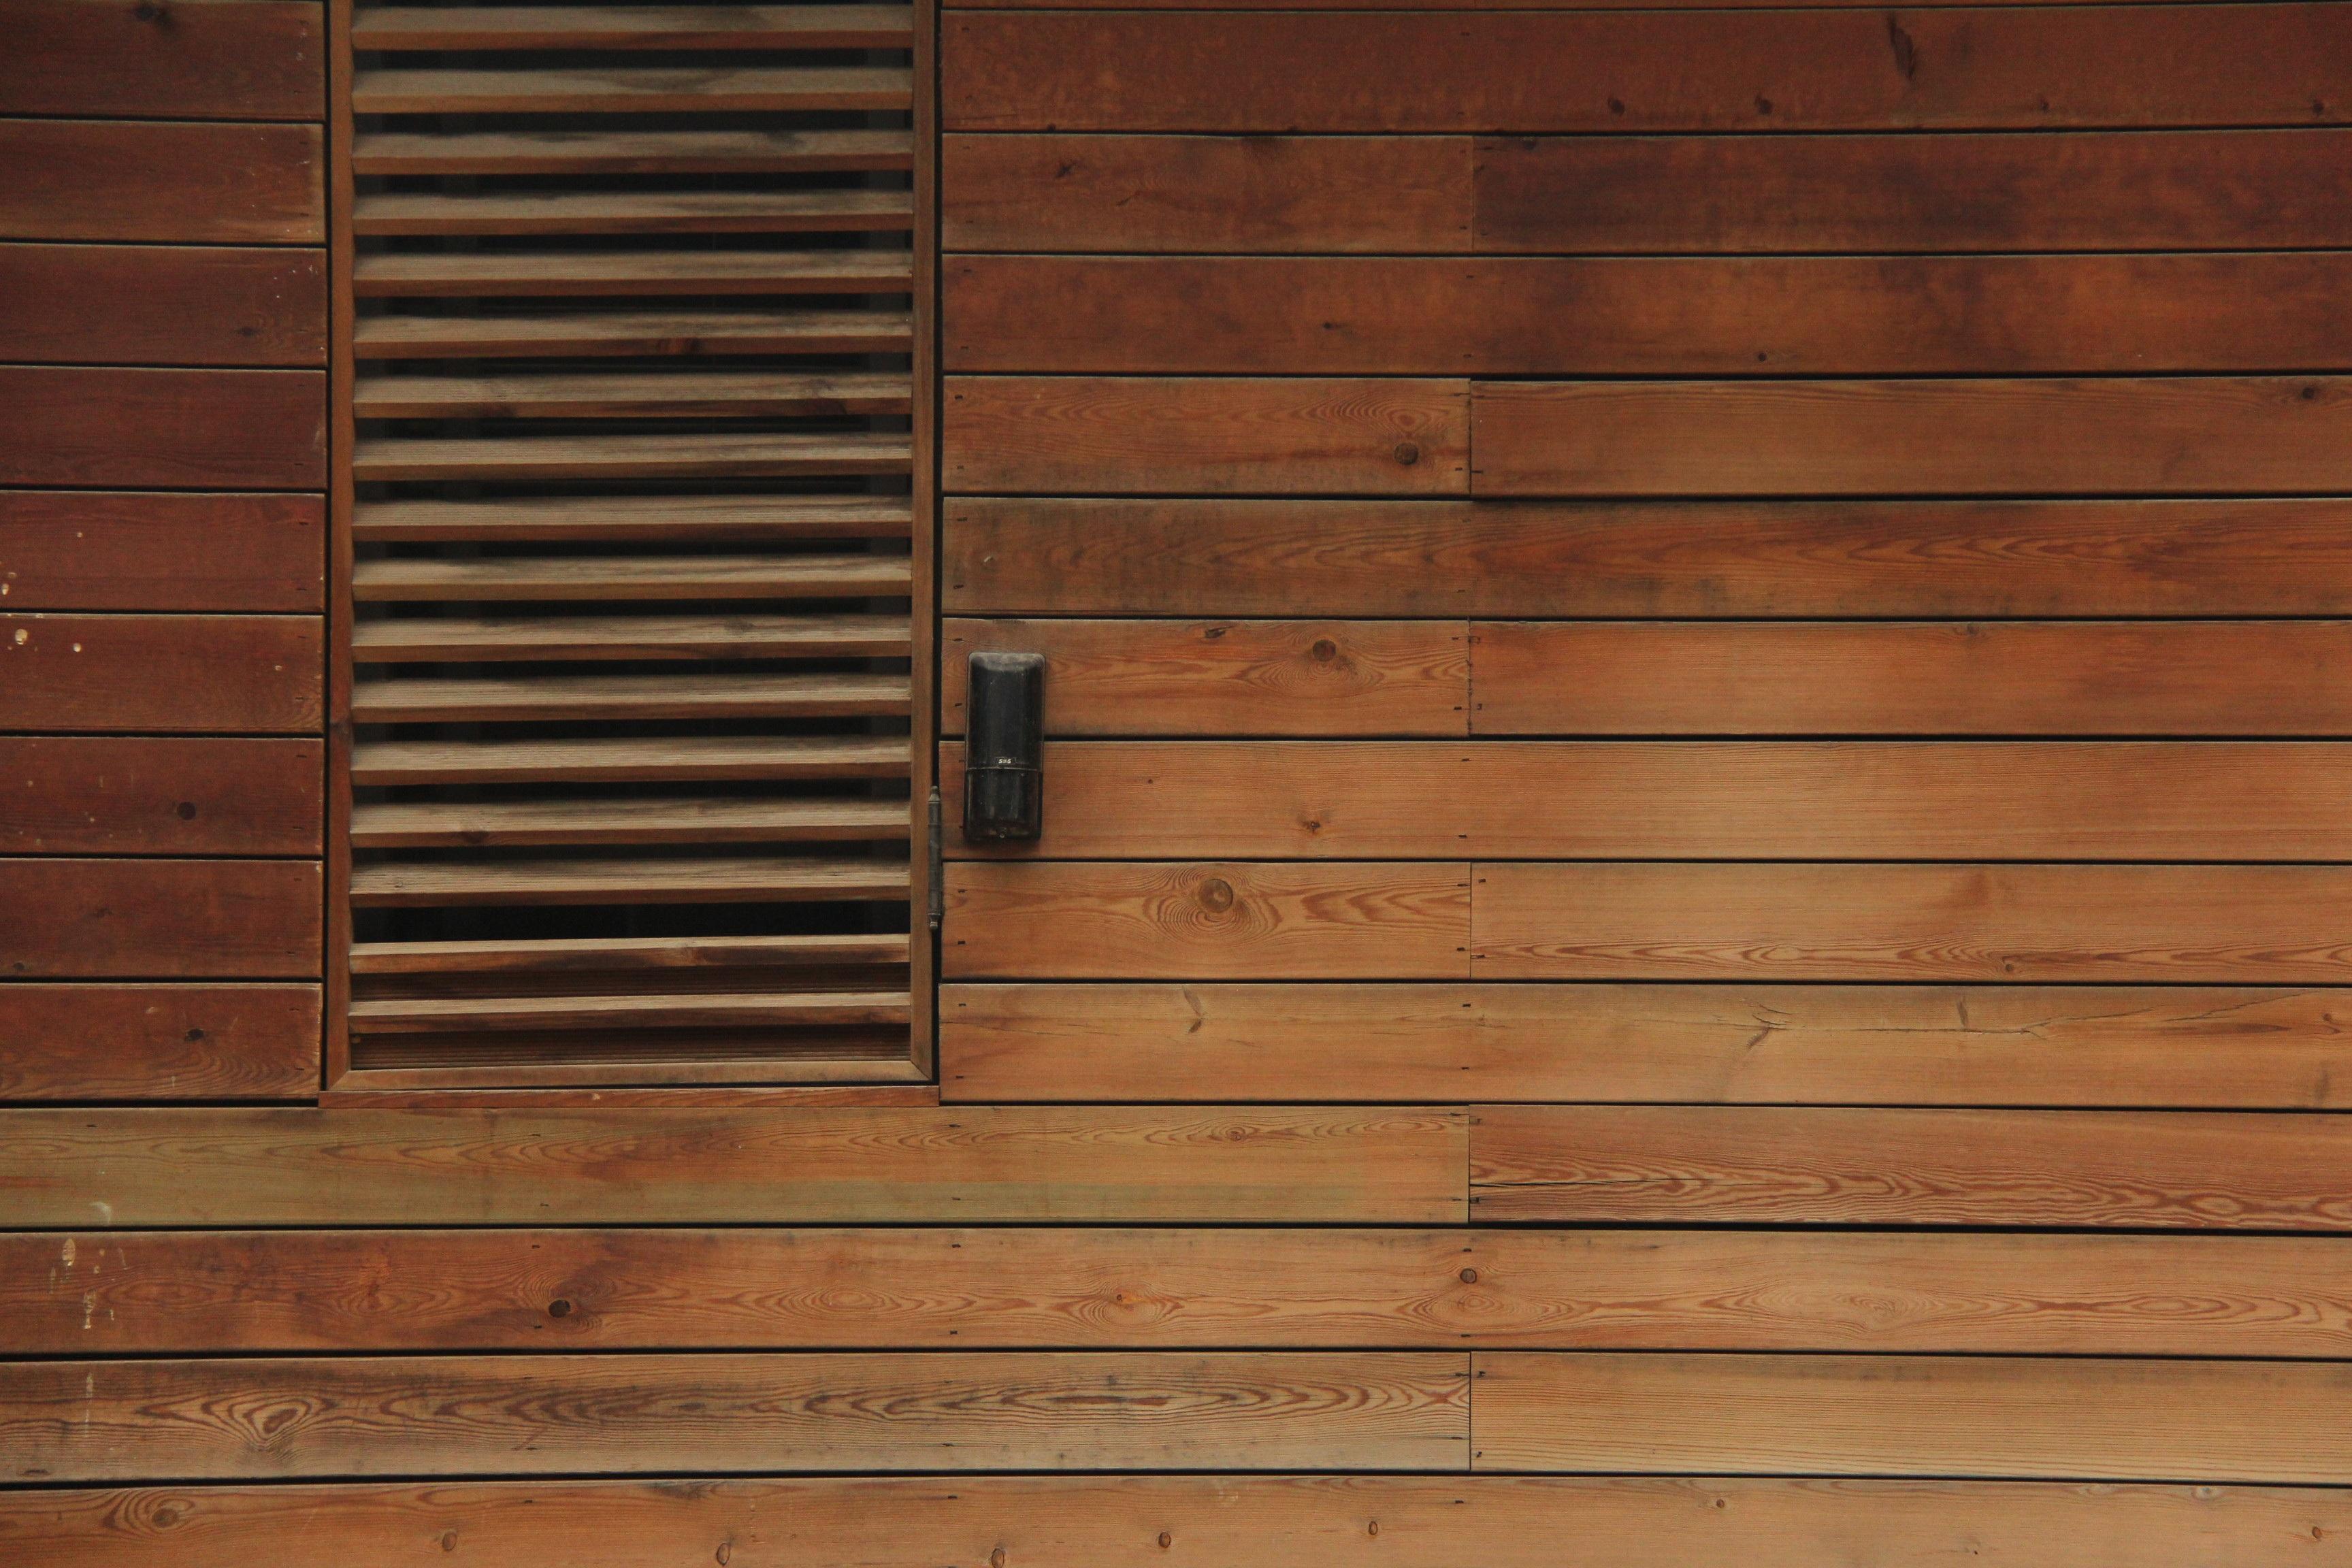 Gambar Papan Lantai Jendela Coklat Pintu Desain